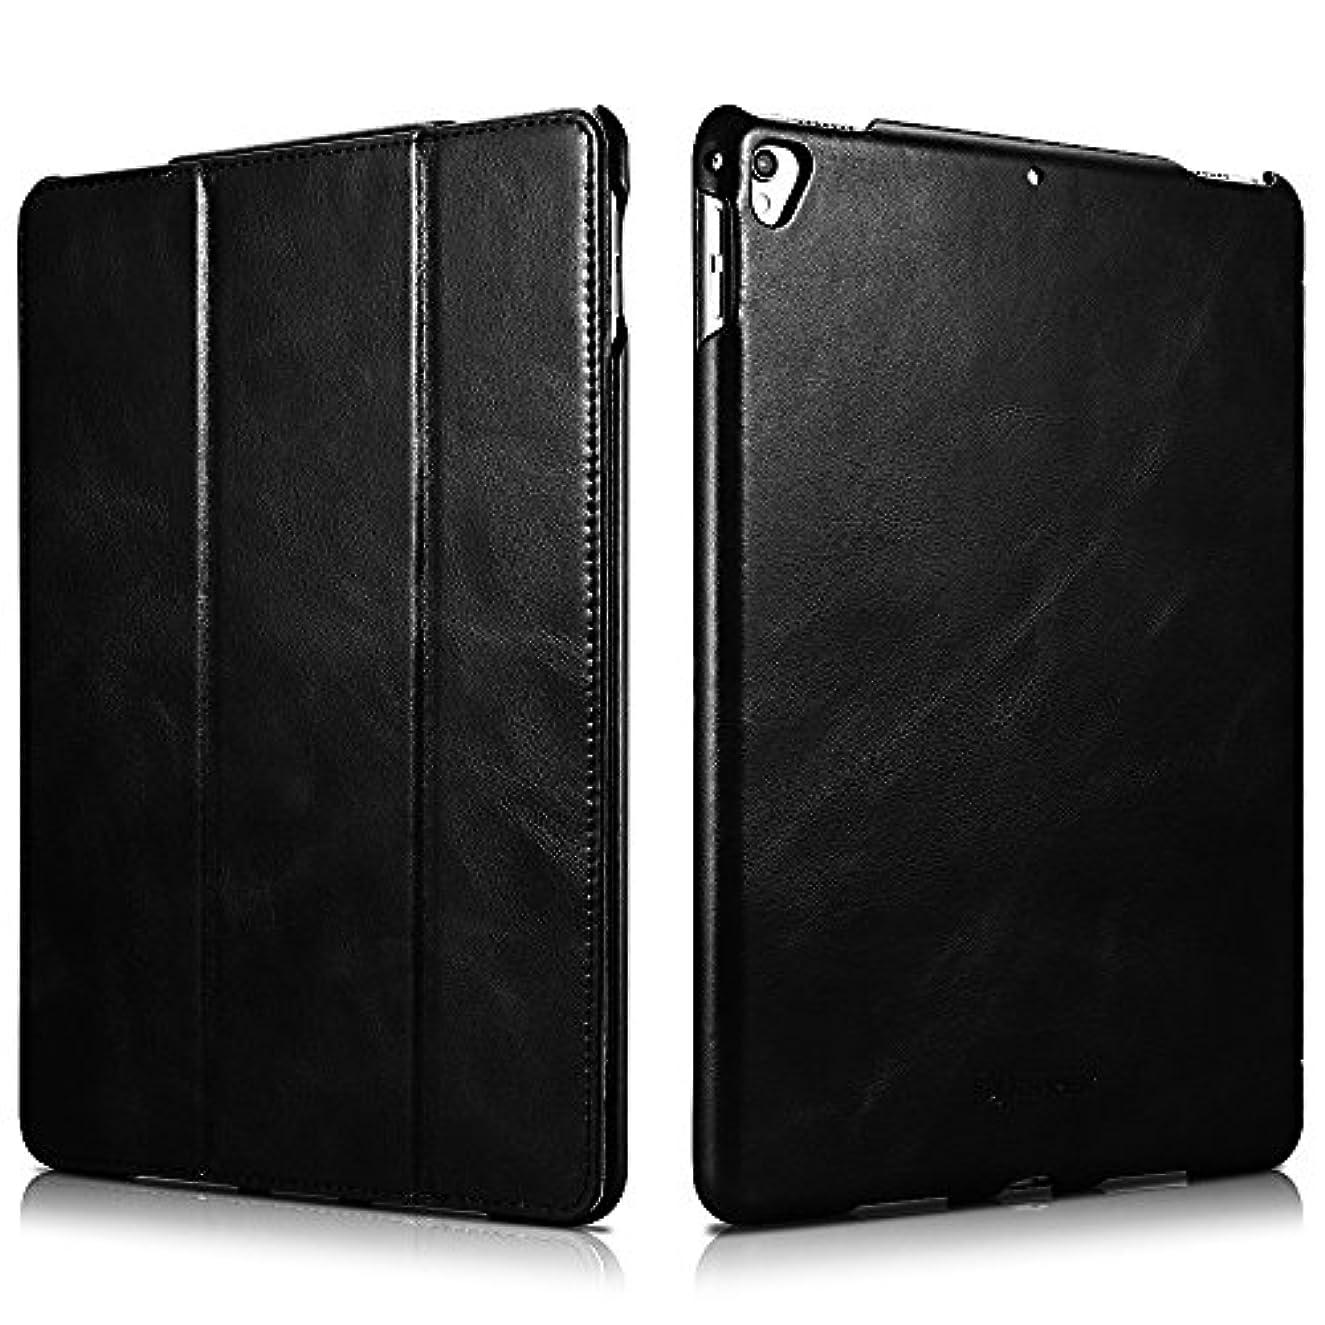 生じる配管工不平を言うiPad Pro 12.9 ケース 2017 本革レザー ICARER 三つ折スタンド マグネット機能付き オートスリープ 極薄 傷つけ防止 Genuine Lether Apple iPad Pro 12.9 2017最新版専用 スマートカバー ブラック